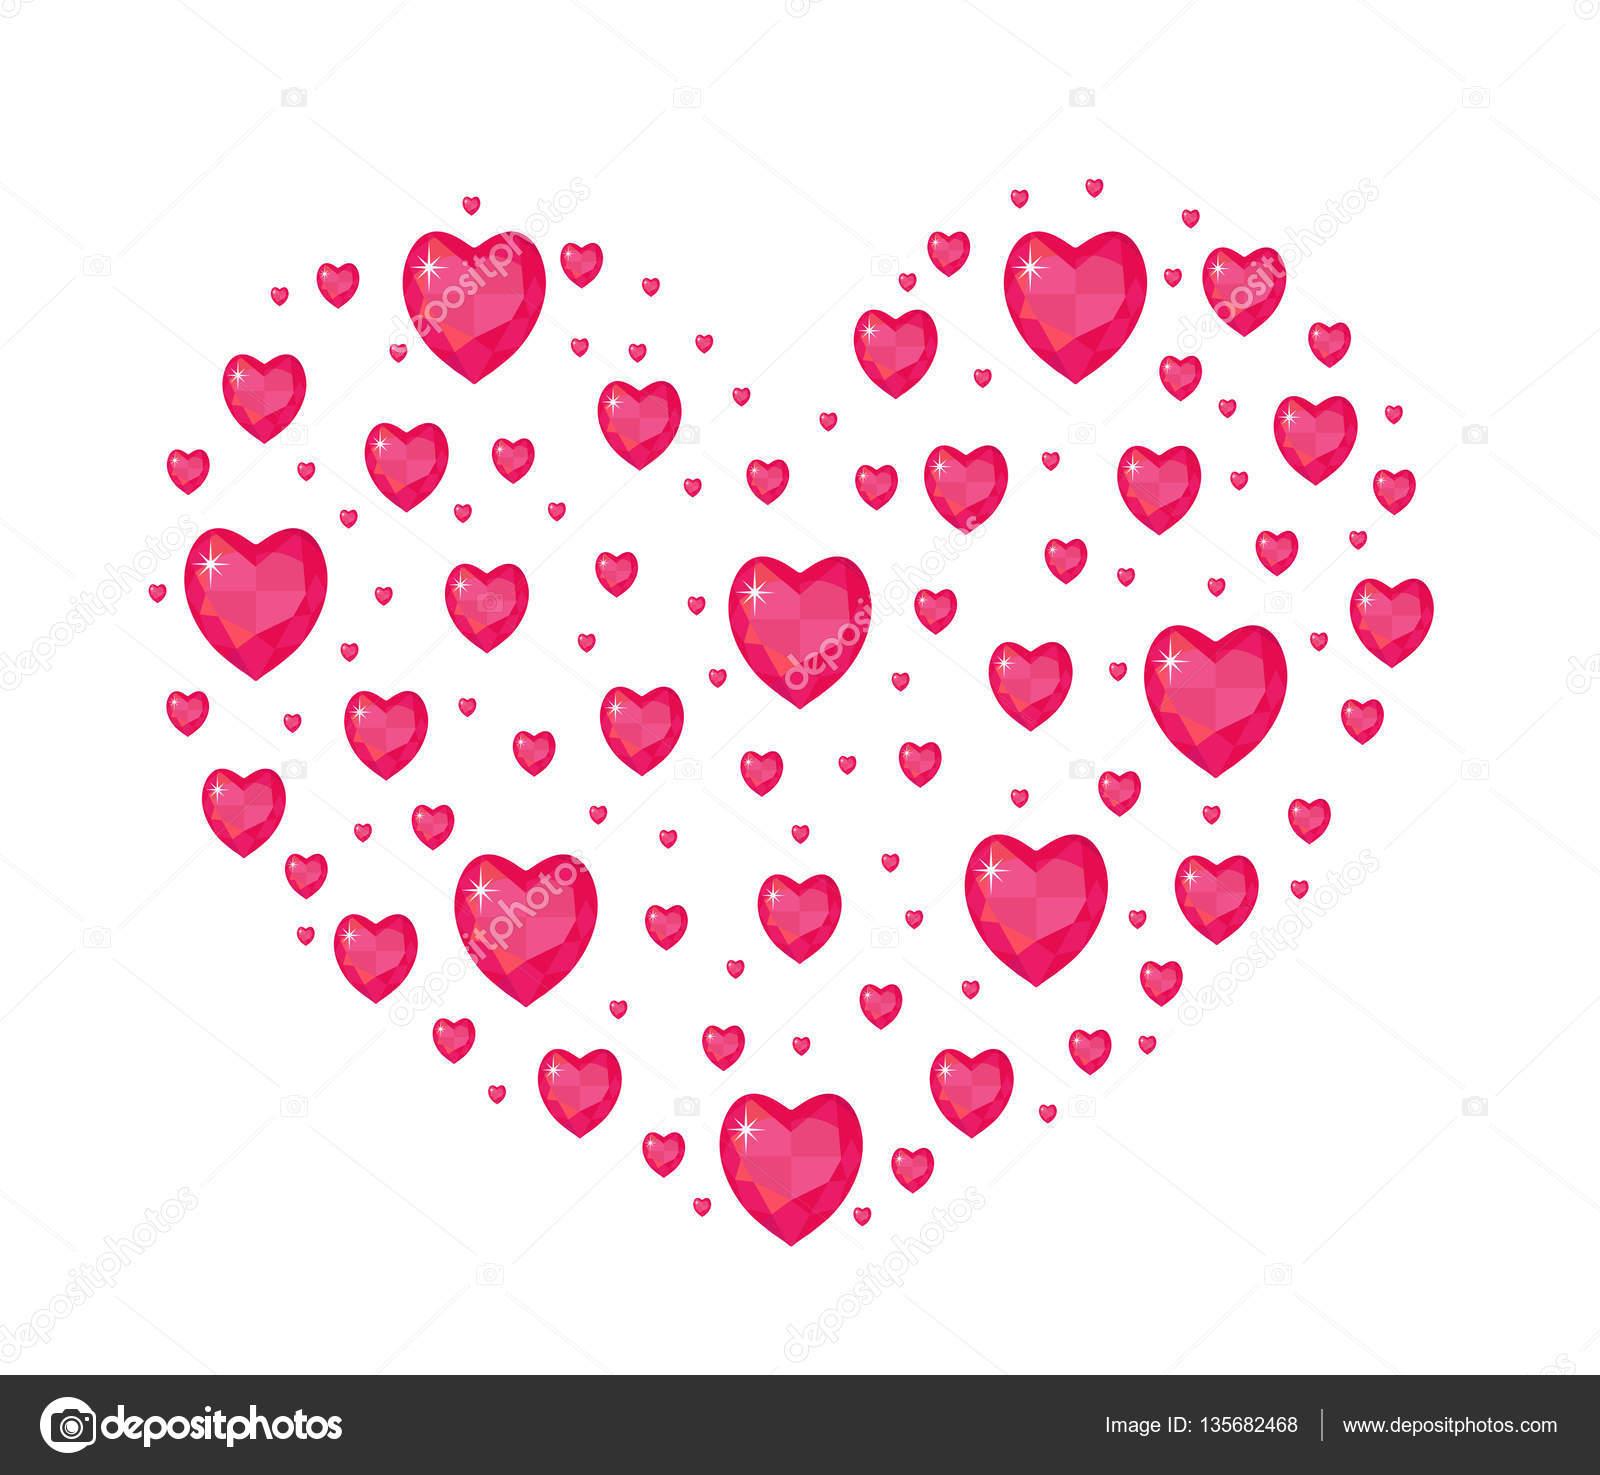 Juwel Herzform Valentinstag Liebe Romantik Konzept Vorlage Für